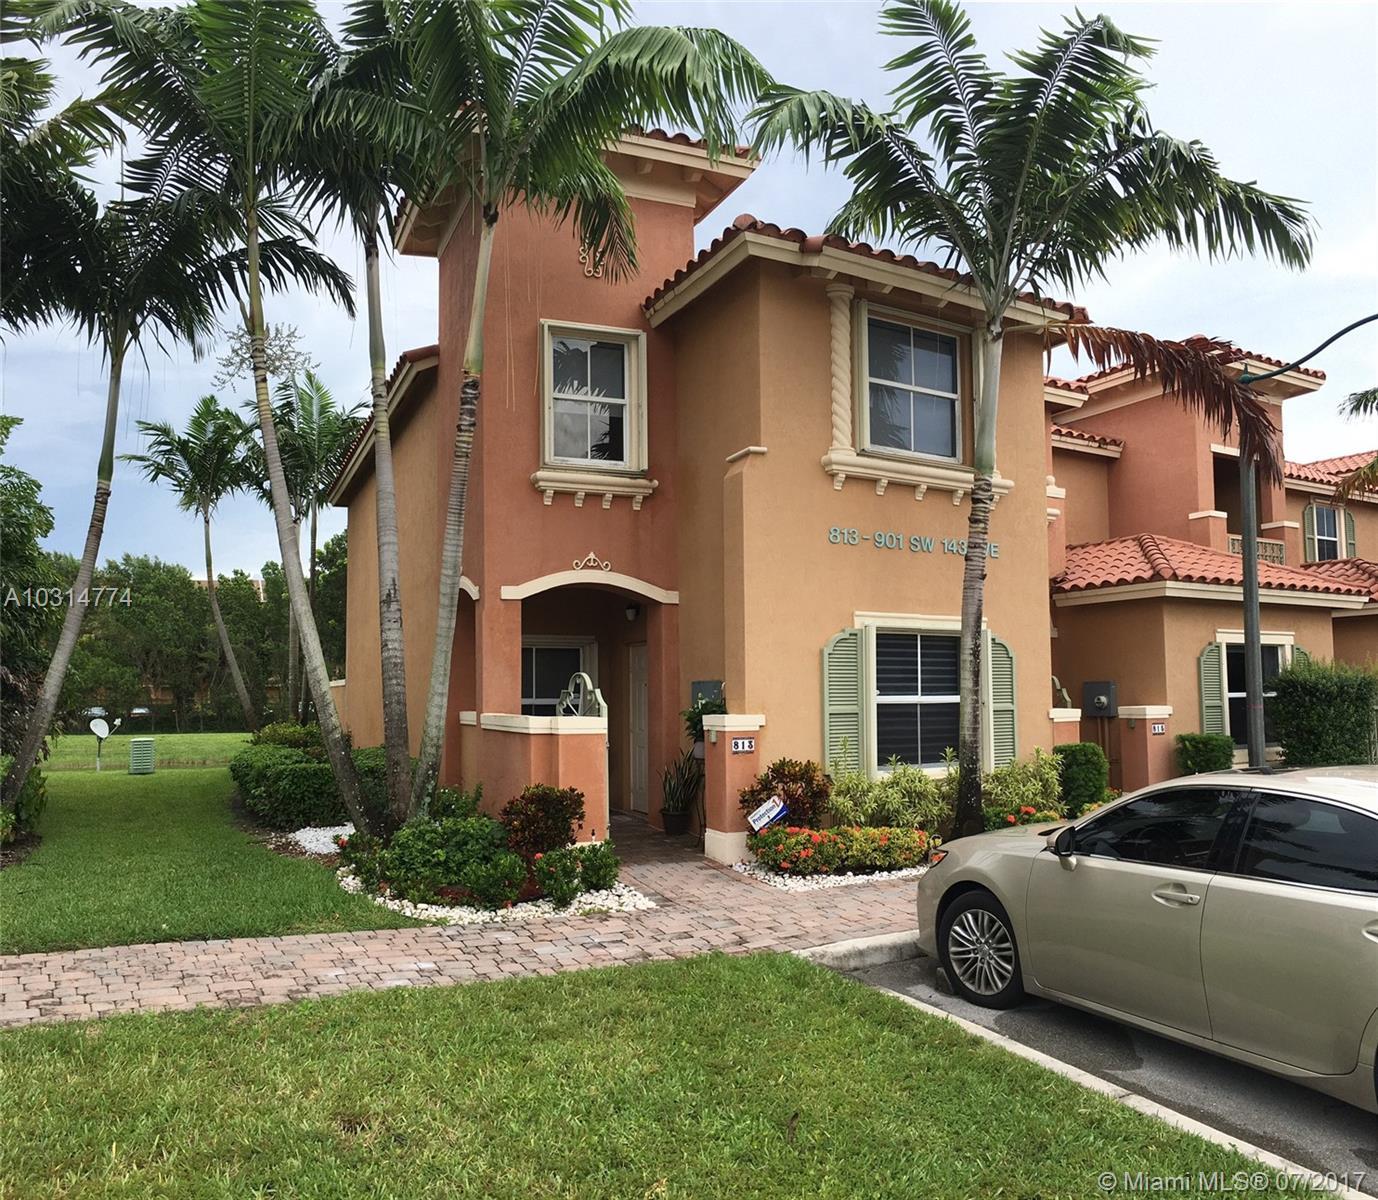 813 SW 143rd Ave, Pembroke Pines, FL 33027 - MLS A10314774 ...